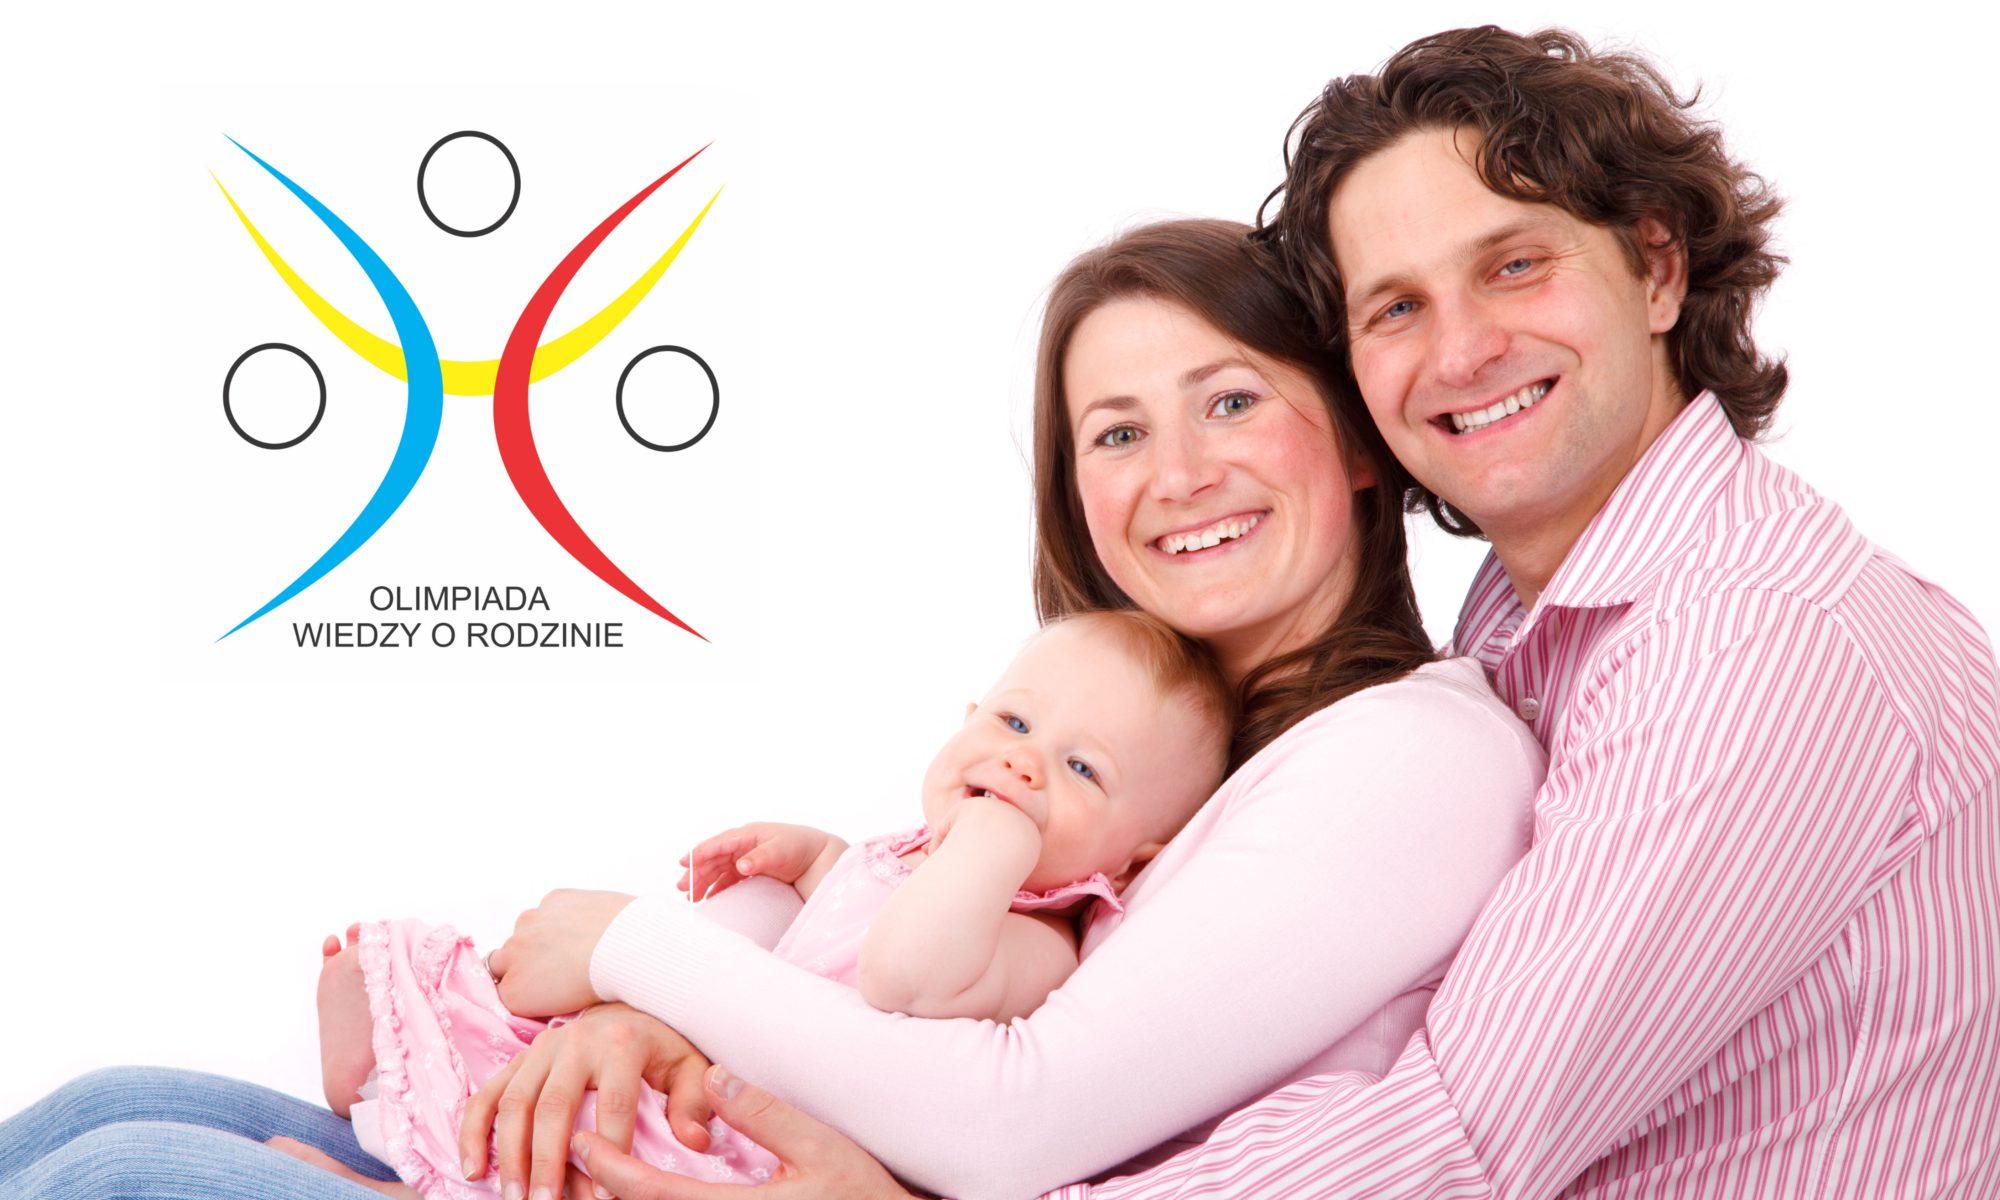 Ogólnopolska Olimpiada Wiedzy o Rodzinie